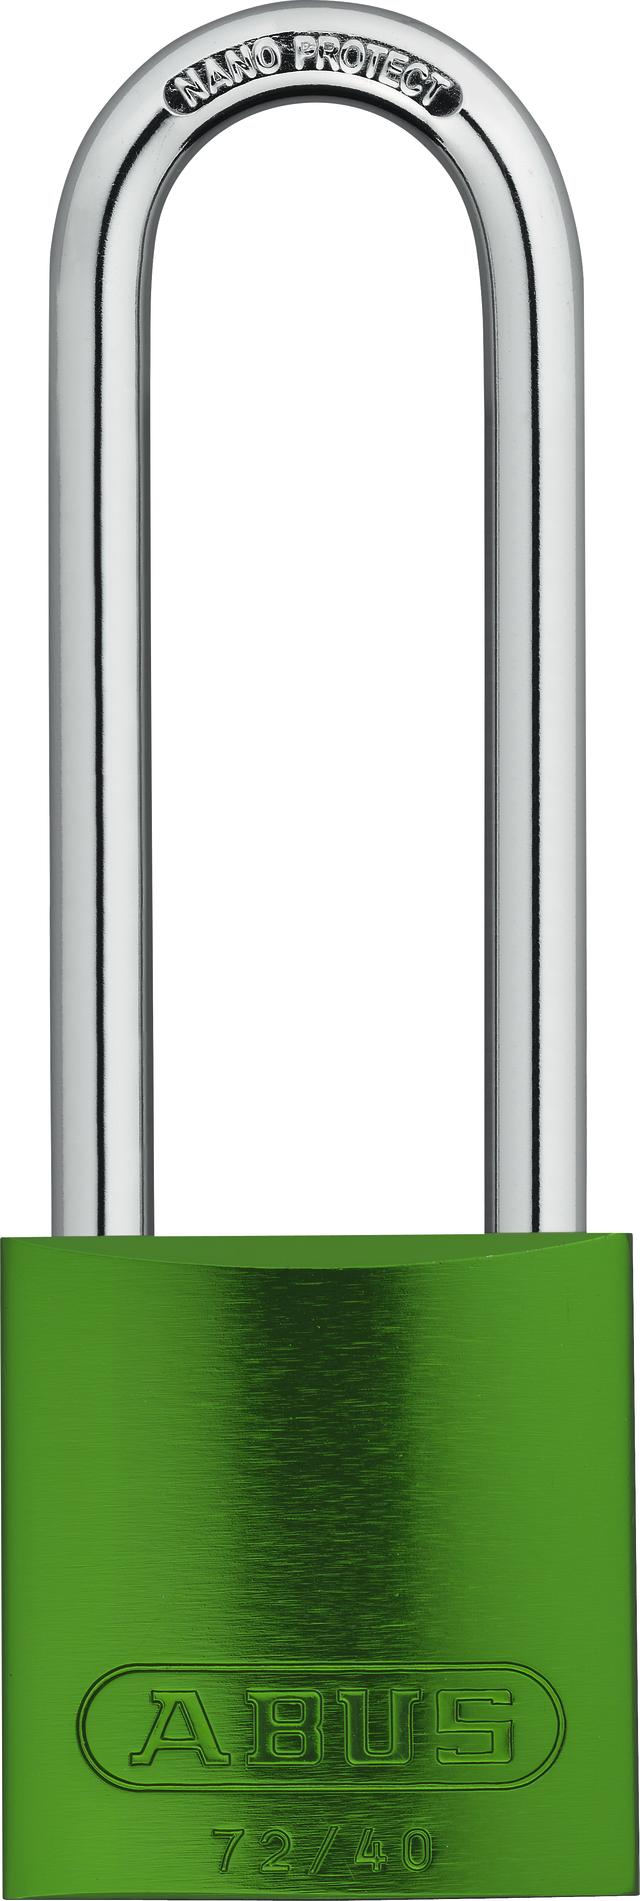 Vorhangschloss Aluminium 72/40HB75 grün